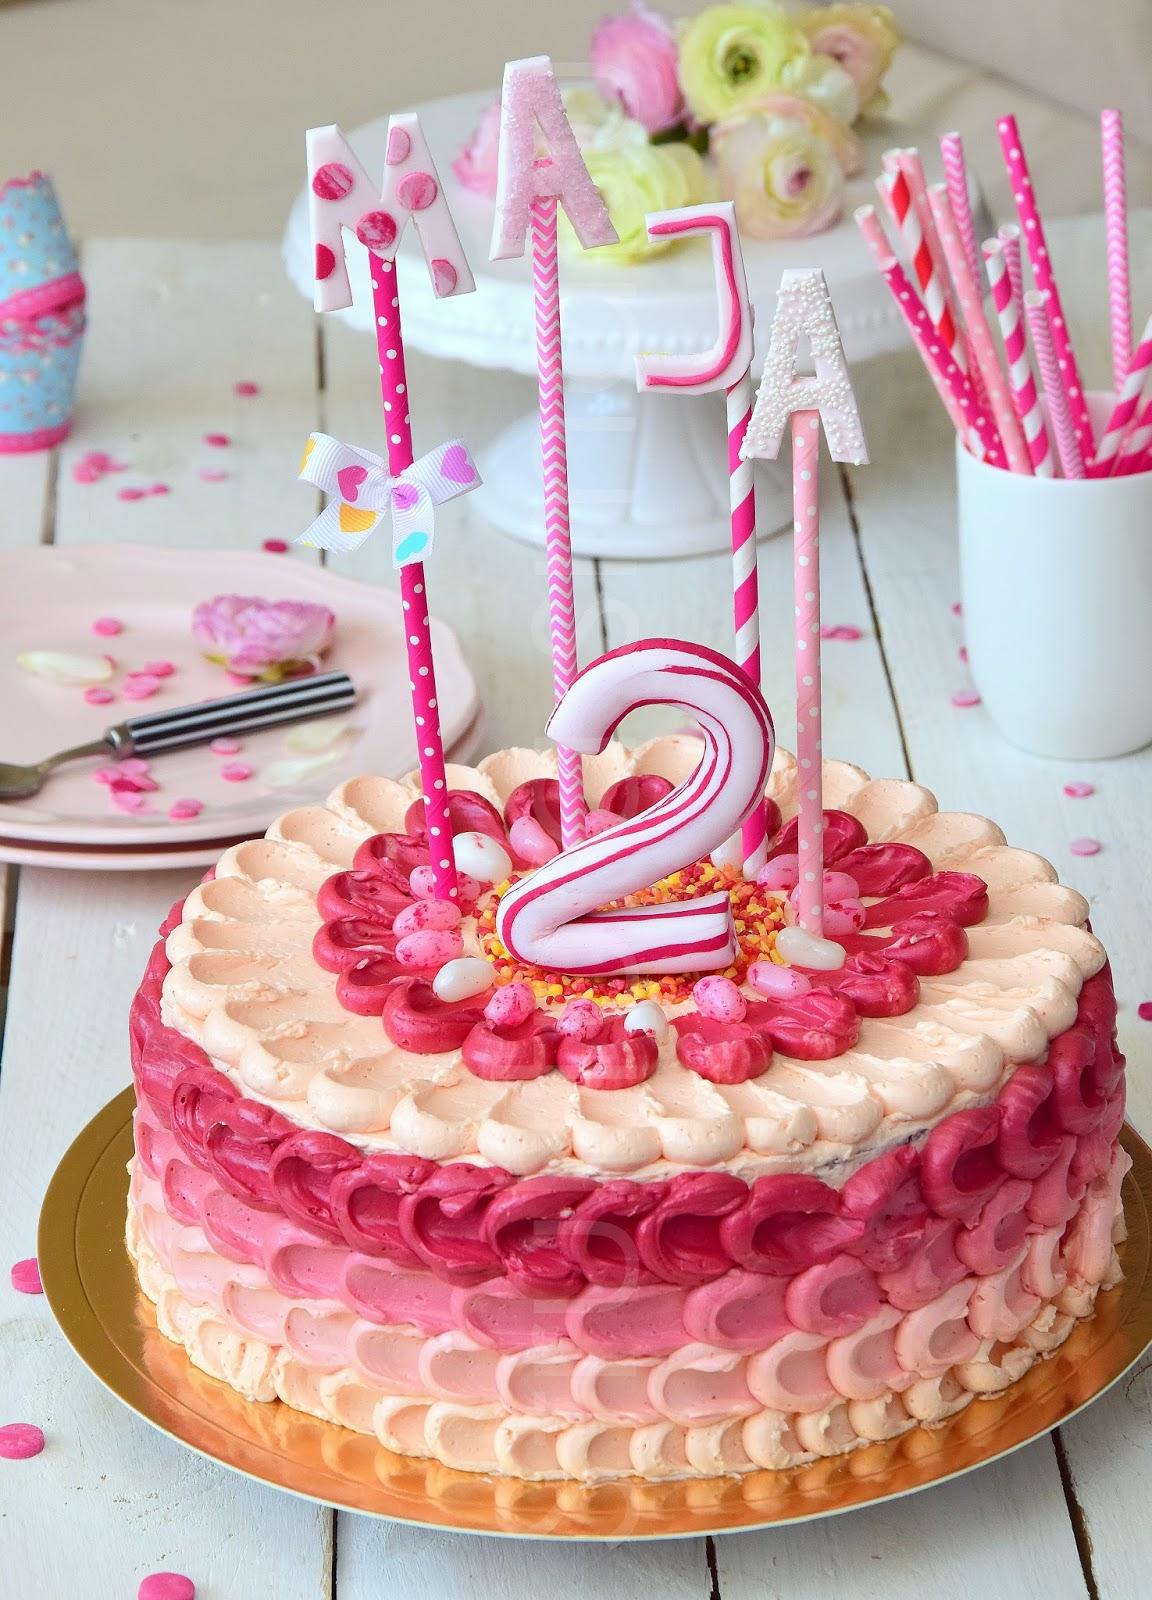 Słodki Tort Urodzinowy Ombre Dla Dziewczynki Struktura Smaku